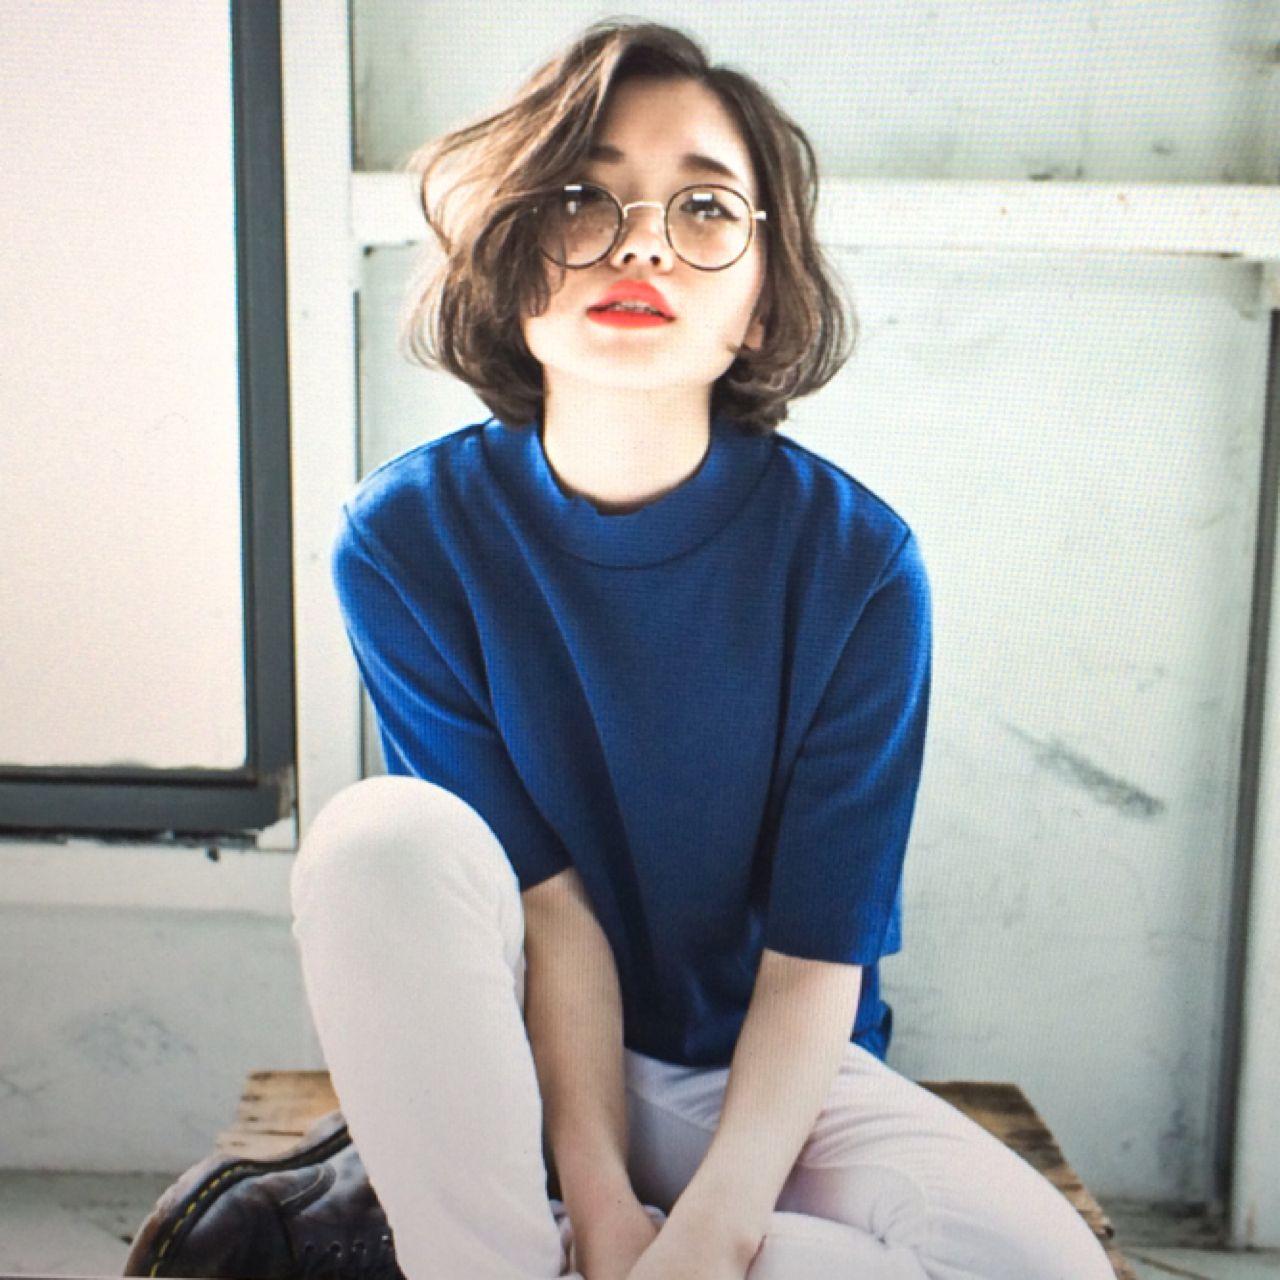 オシャレ度UP間違いなし♡髪のマンネリ化は小物で吹き飛ばせ。 岩井祐美子 / ALICE